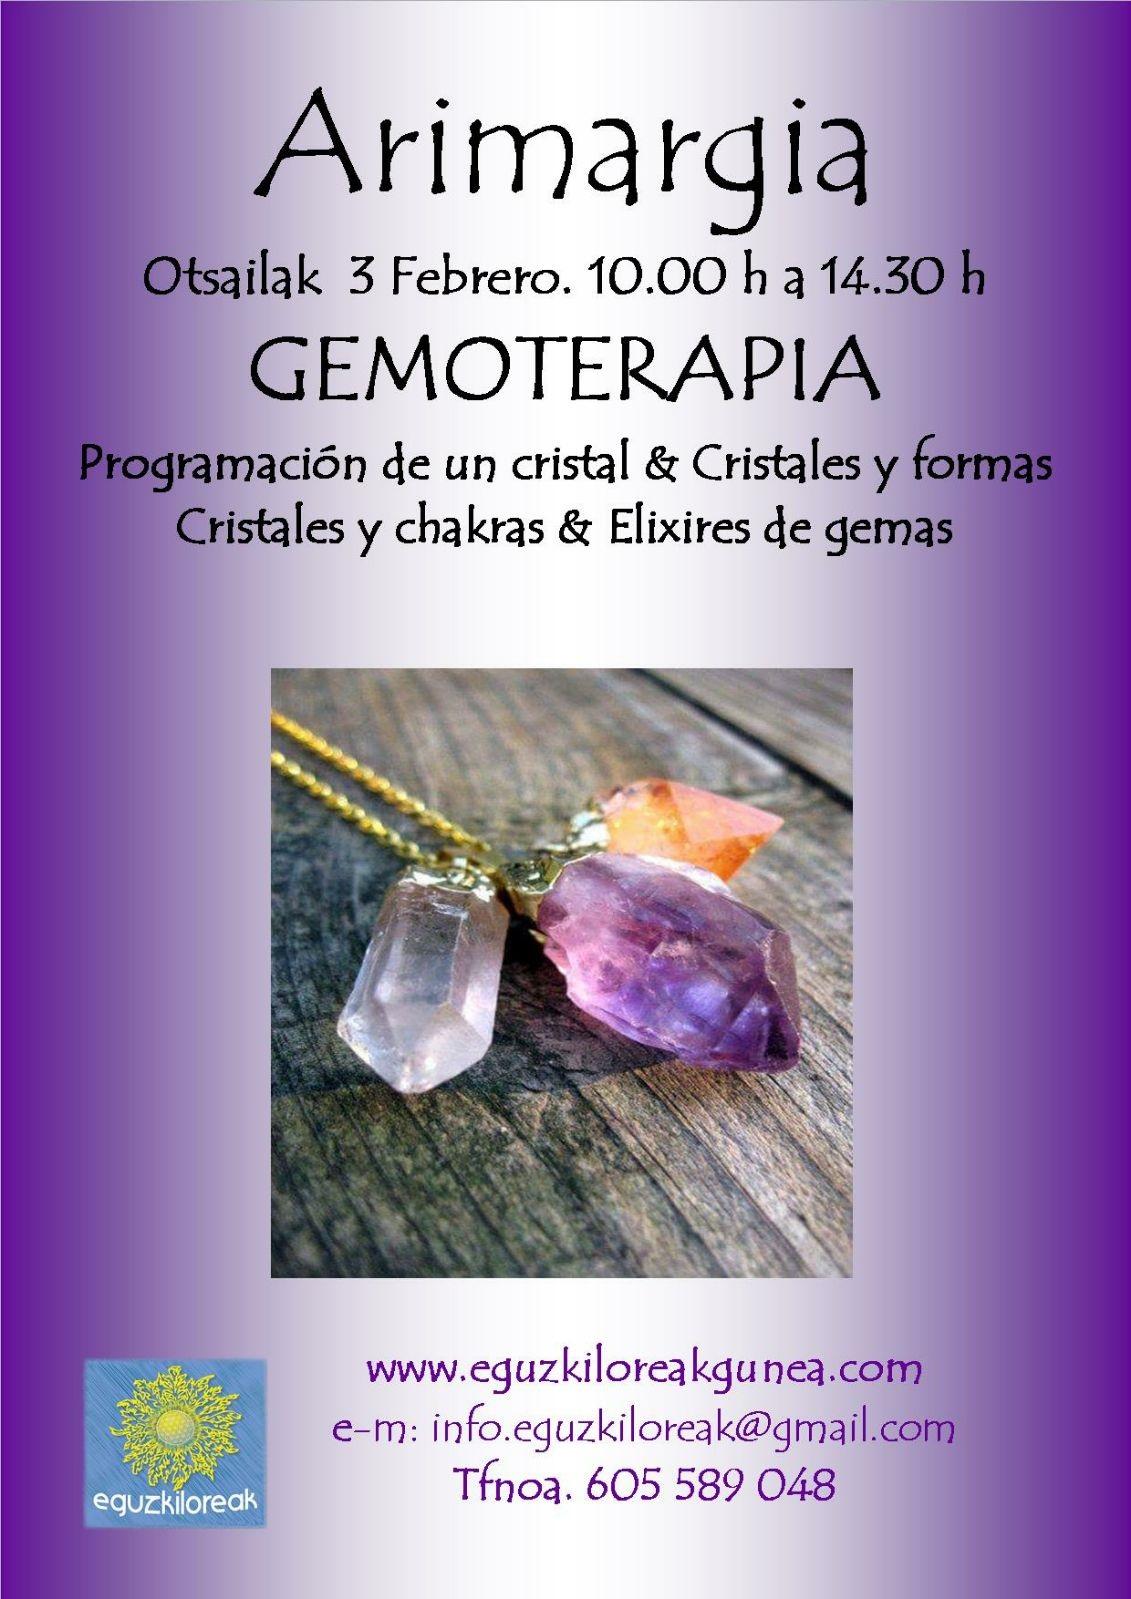 GEMOTERAPIA: programación de un cristal, cristales y formas, cristales y chakras, elixires de gemas